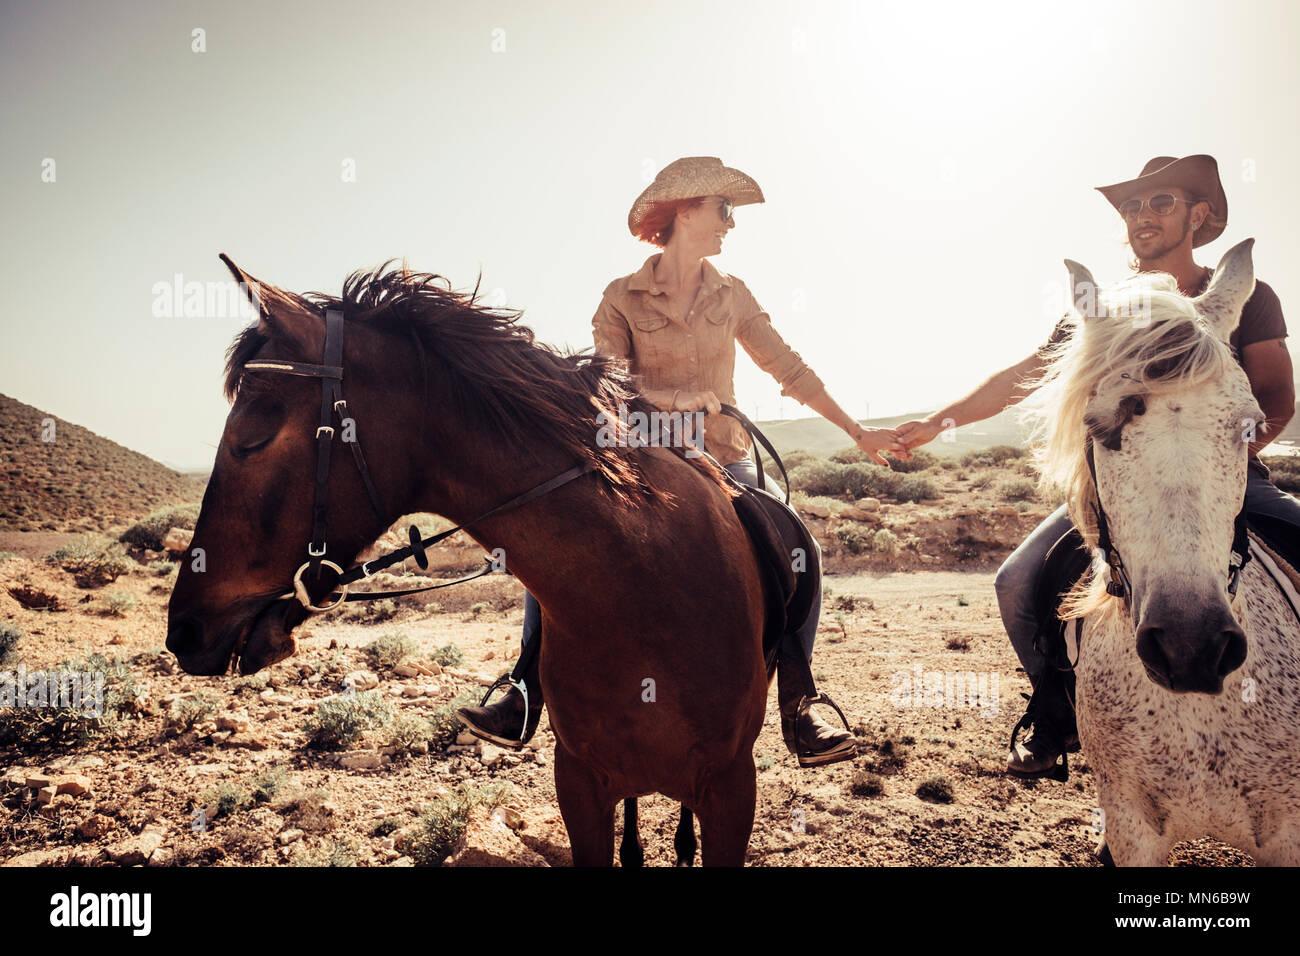 El amor y la amistad entre la mujer y el hombre joven y bella como vaquero moderno viviendo una alternativa de vida en contacto con la naturaleza y el caballo Imagen De Stock